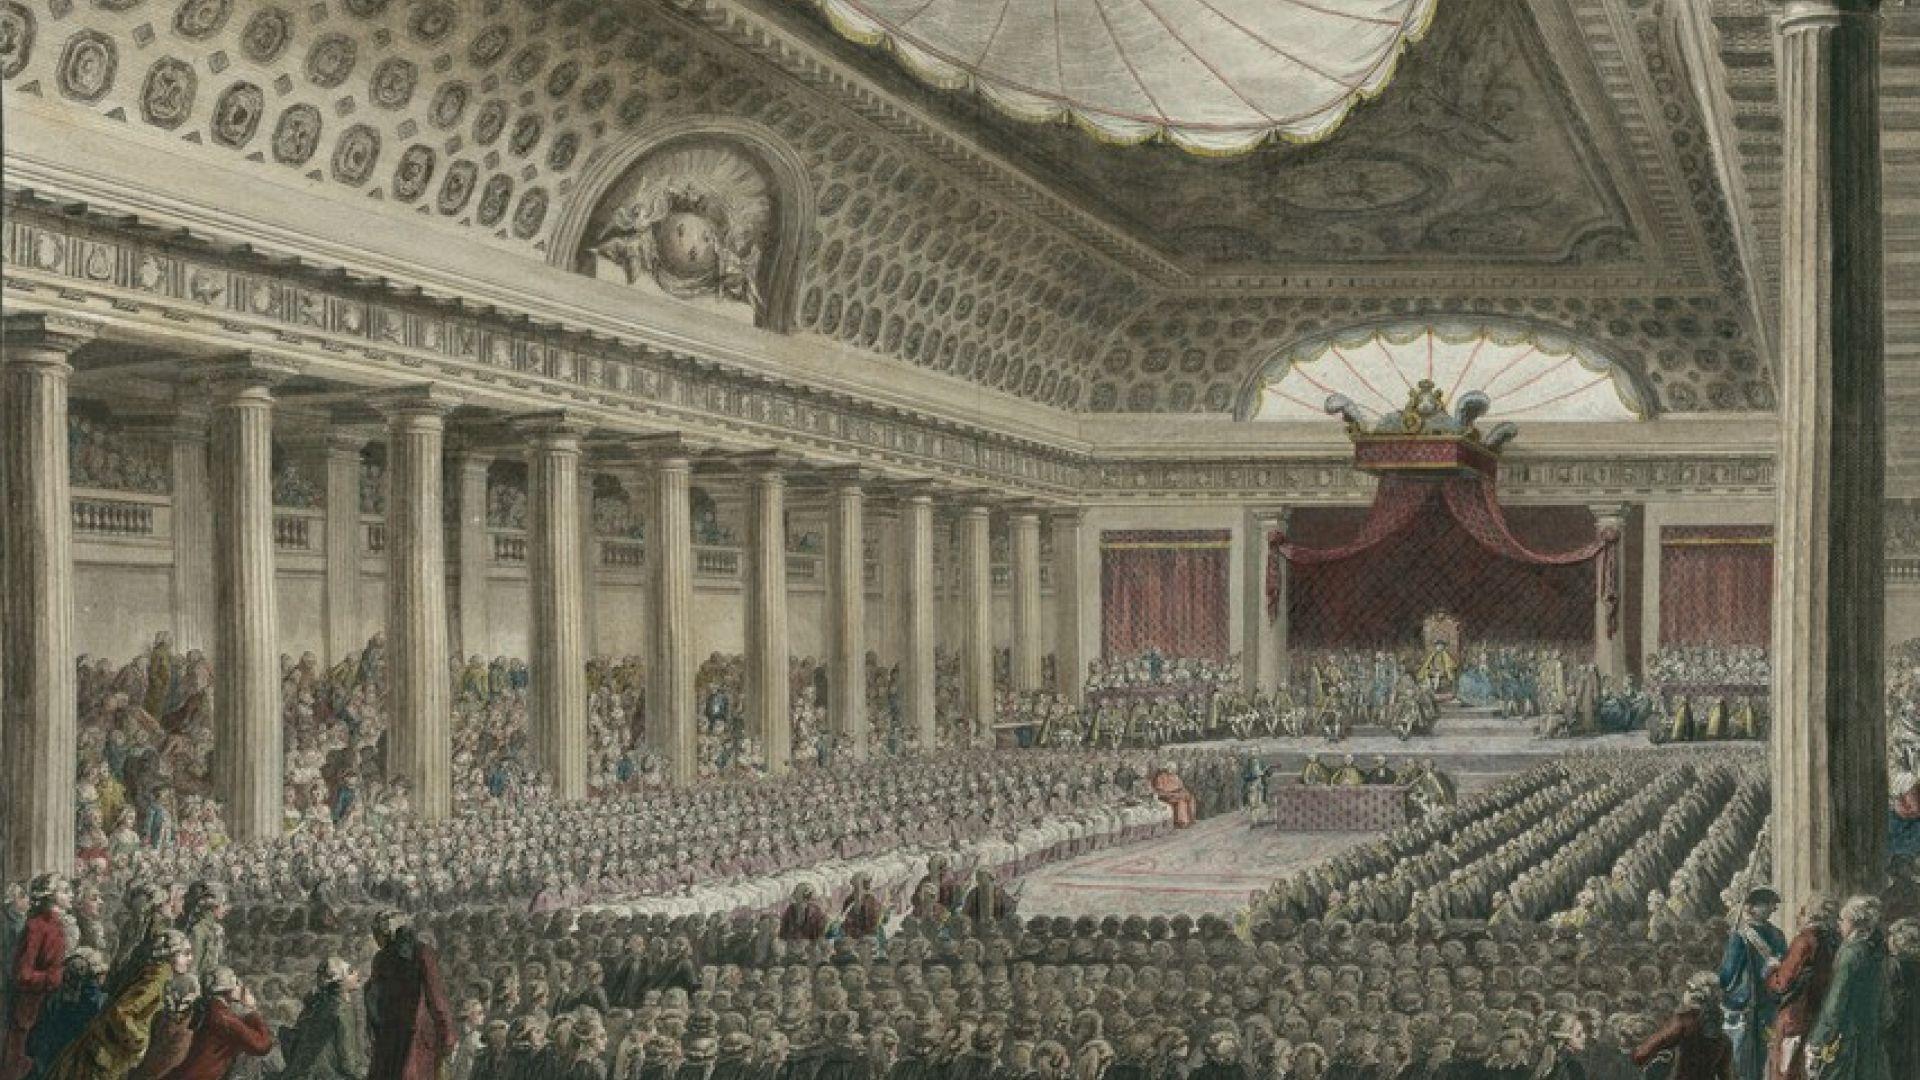 Ouverture des Etats généraux à l'Hôtel des Menus-Plaisirs en 1789